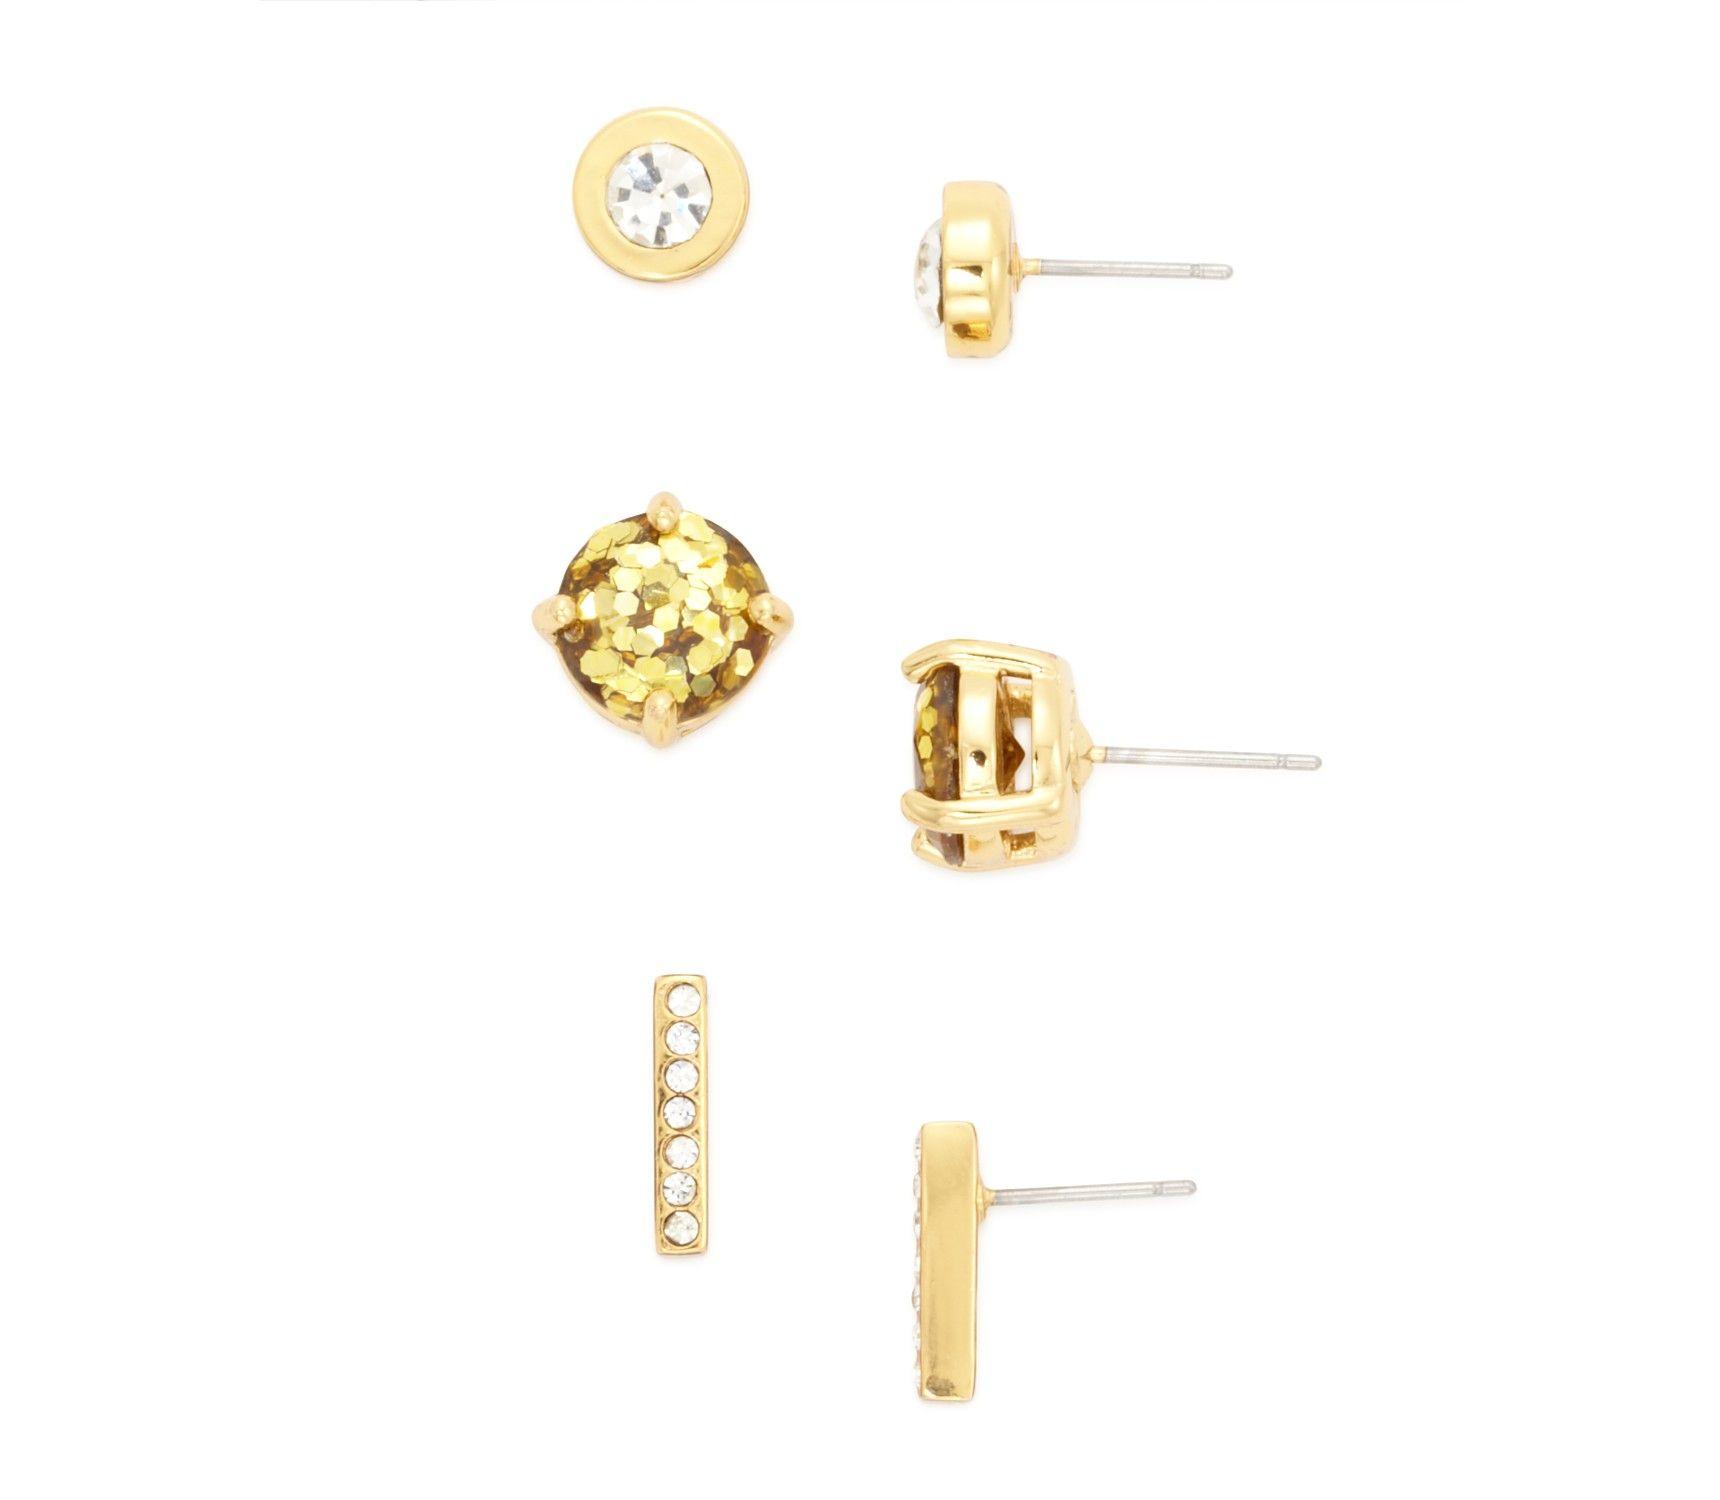 kate spade new york Glitter Stud Earrings, Set of 3 Pairs | Bloomingdale's